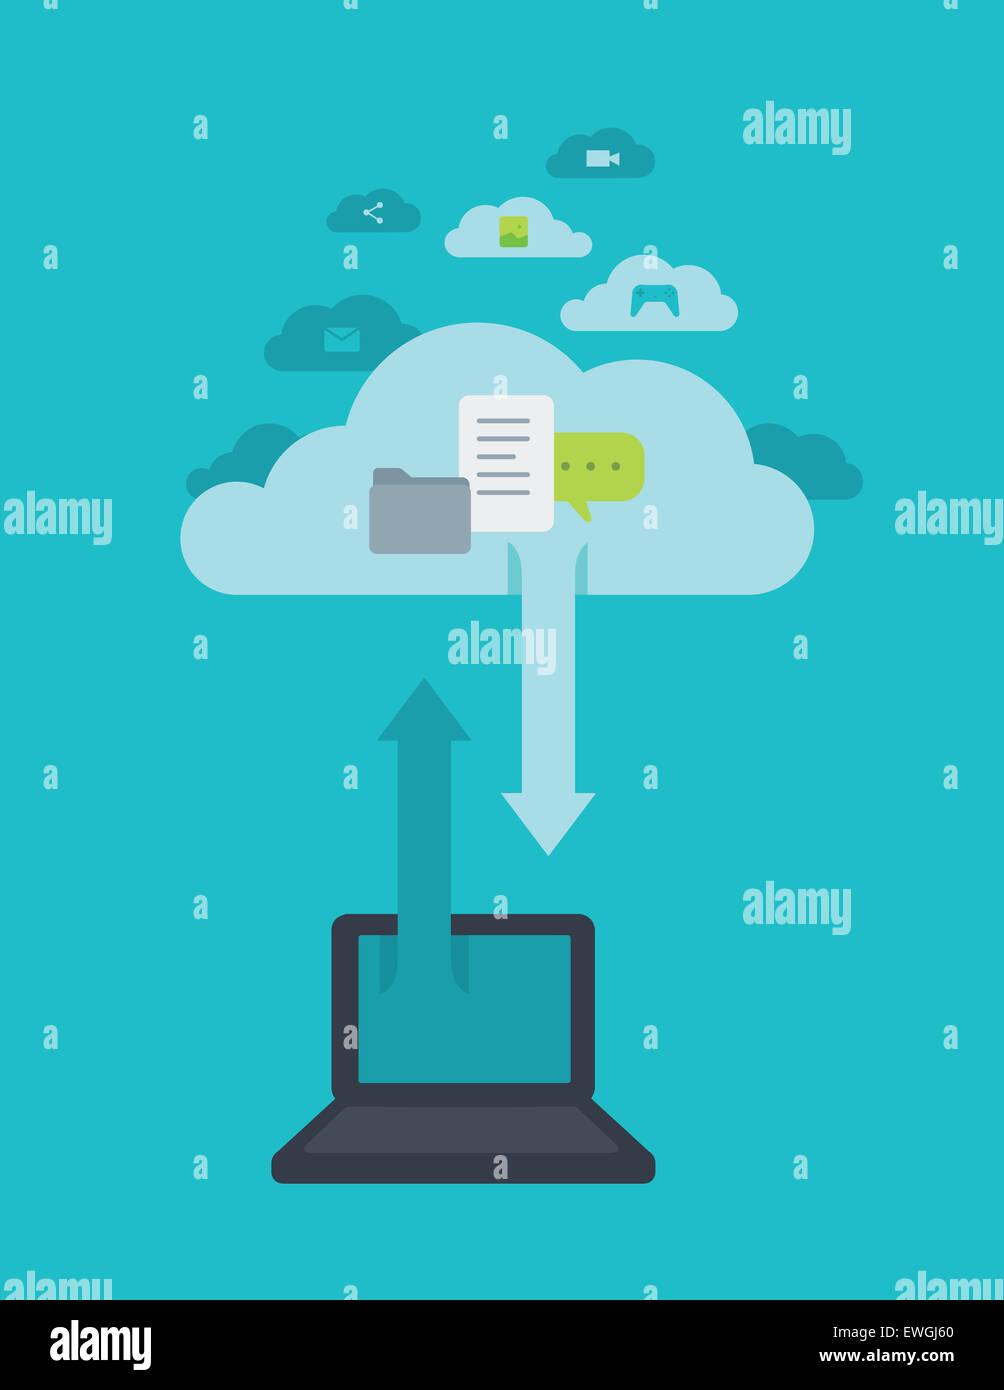 Image d'illustration de l'ordinateur portable avec le symbole des flèches dans le ciel représentant Photo Stock